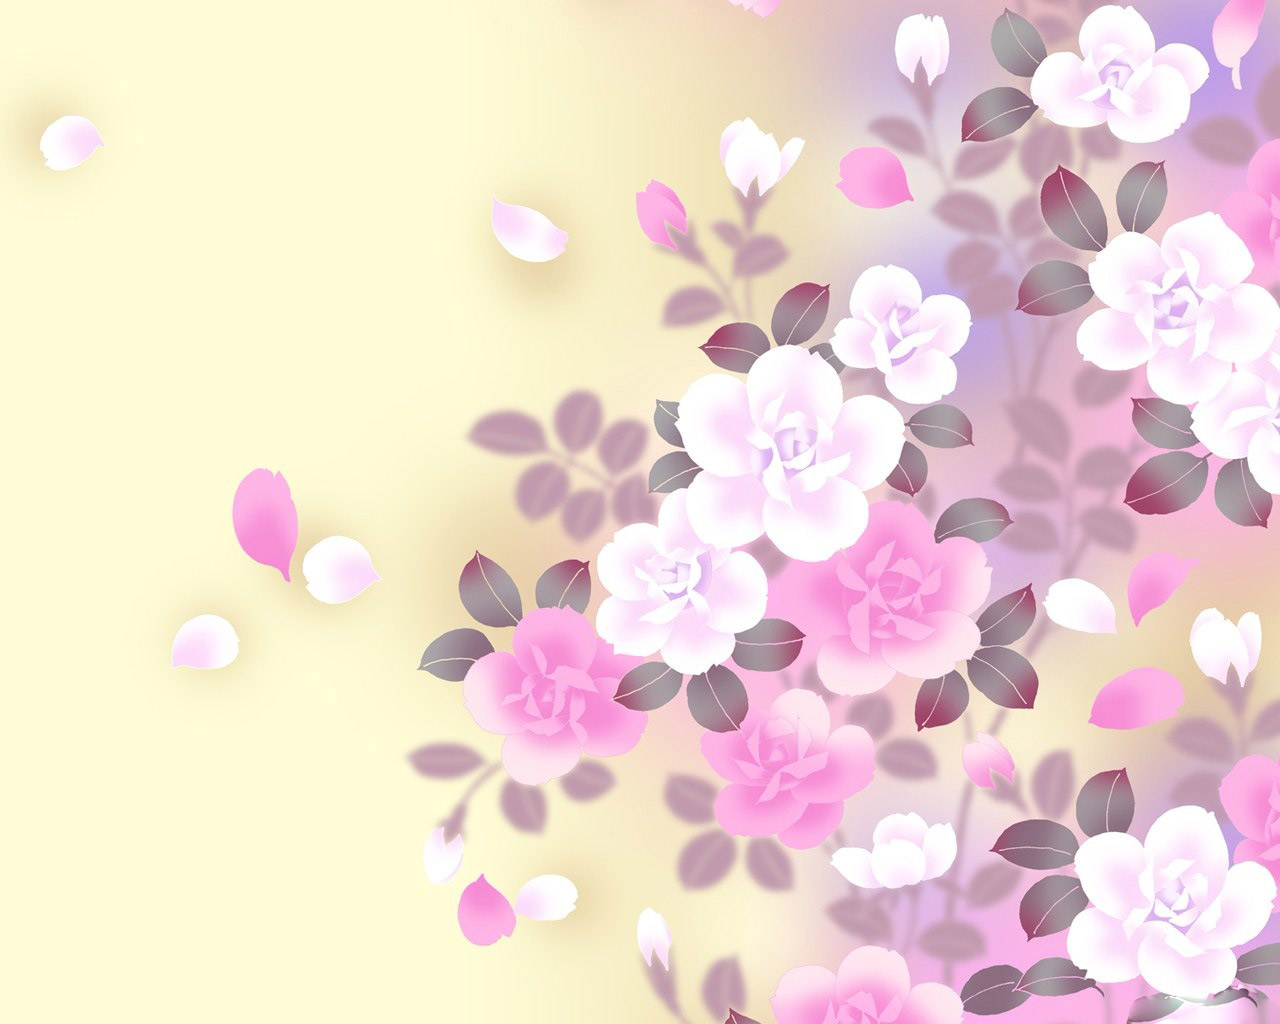 обои для рабочего стола лето цветы 1280х1024